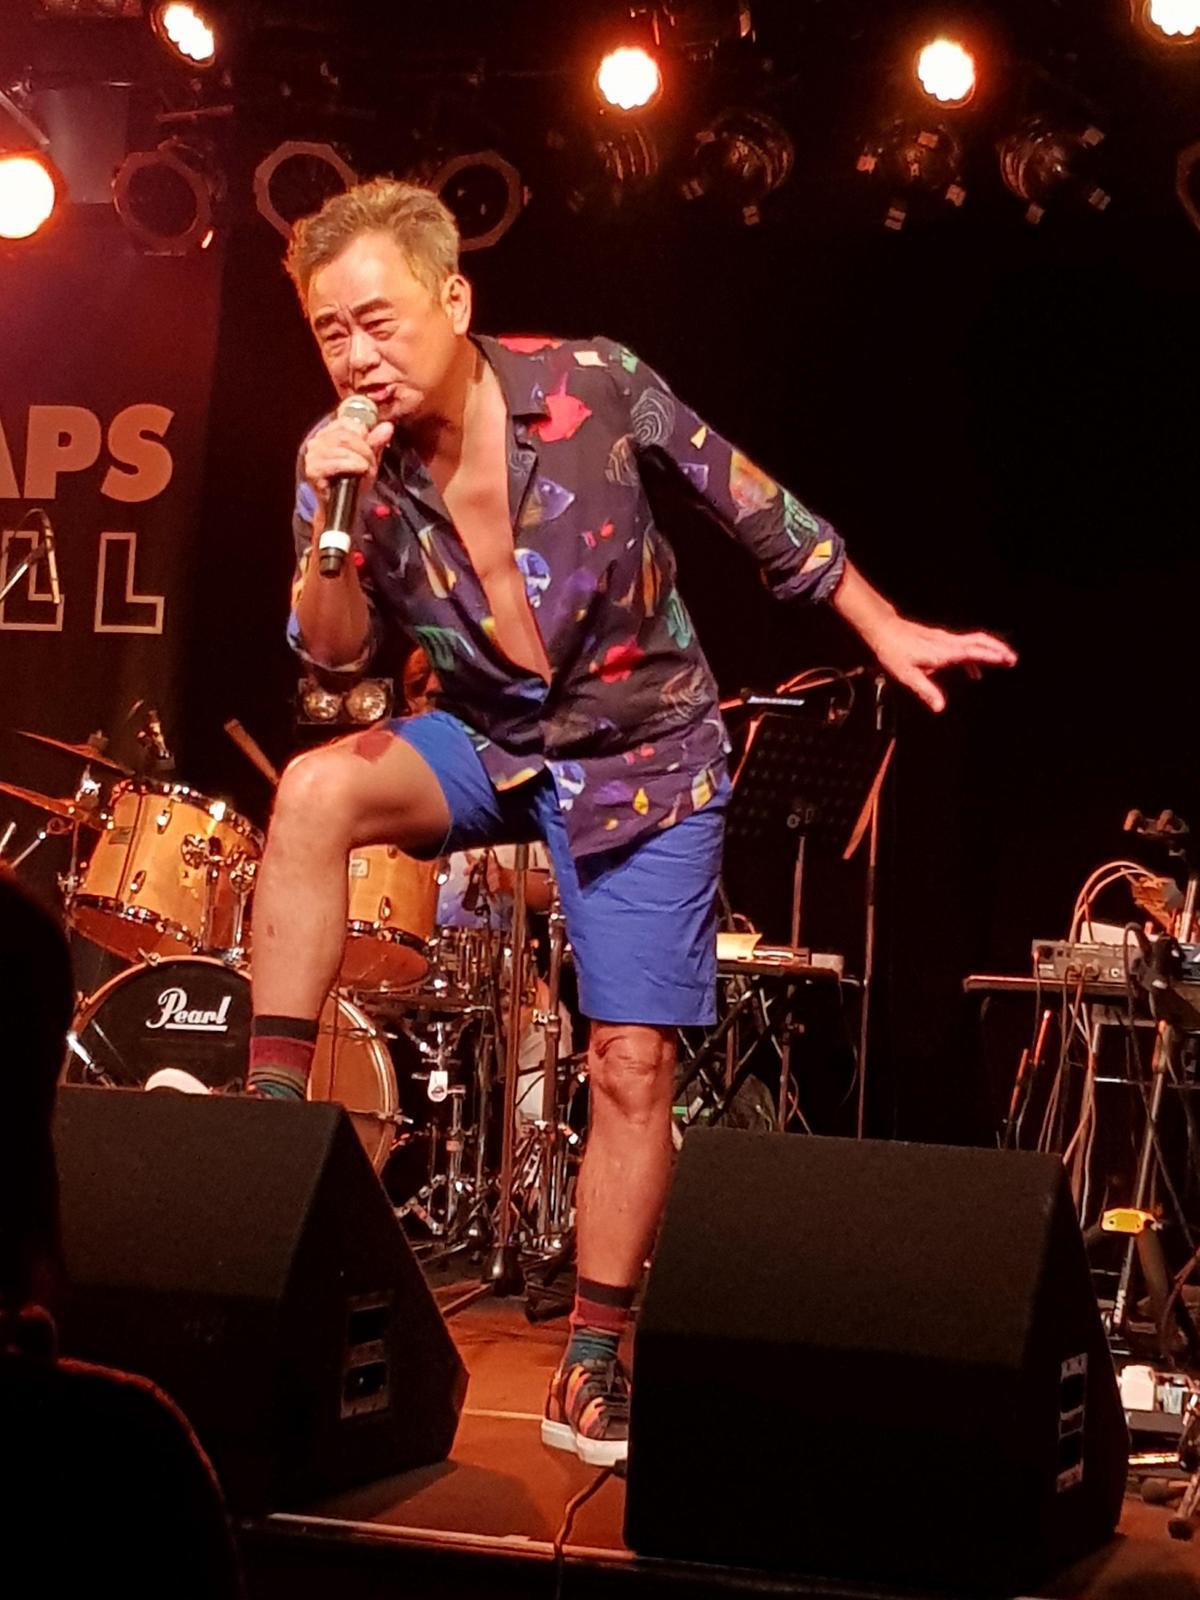 陳昇的日本巡迴演唱會歷經北海道、東京,雖然唱的不是日文歌,但陳昇的舞台魅力沒有國界。(新樂園製作提供)